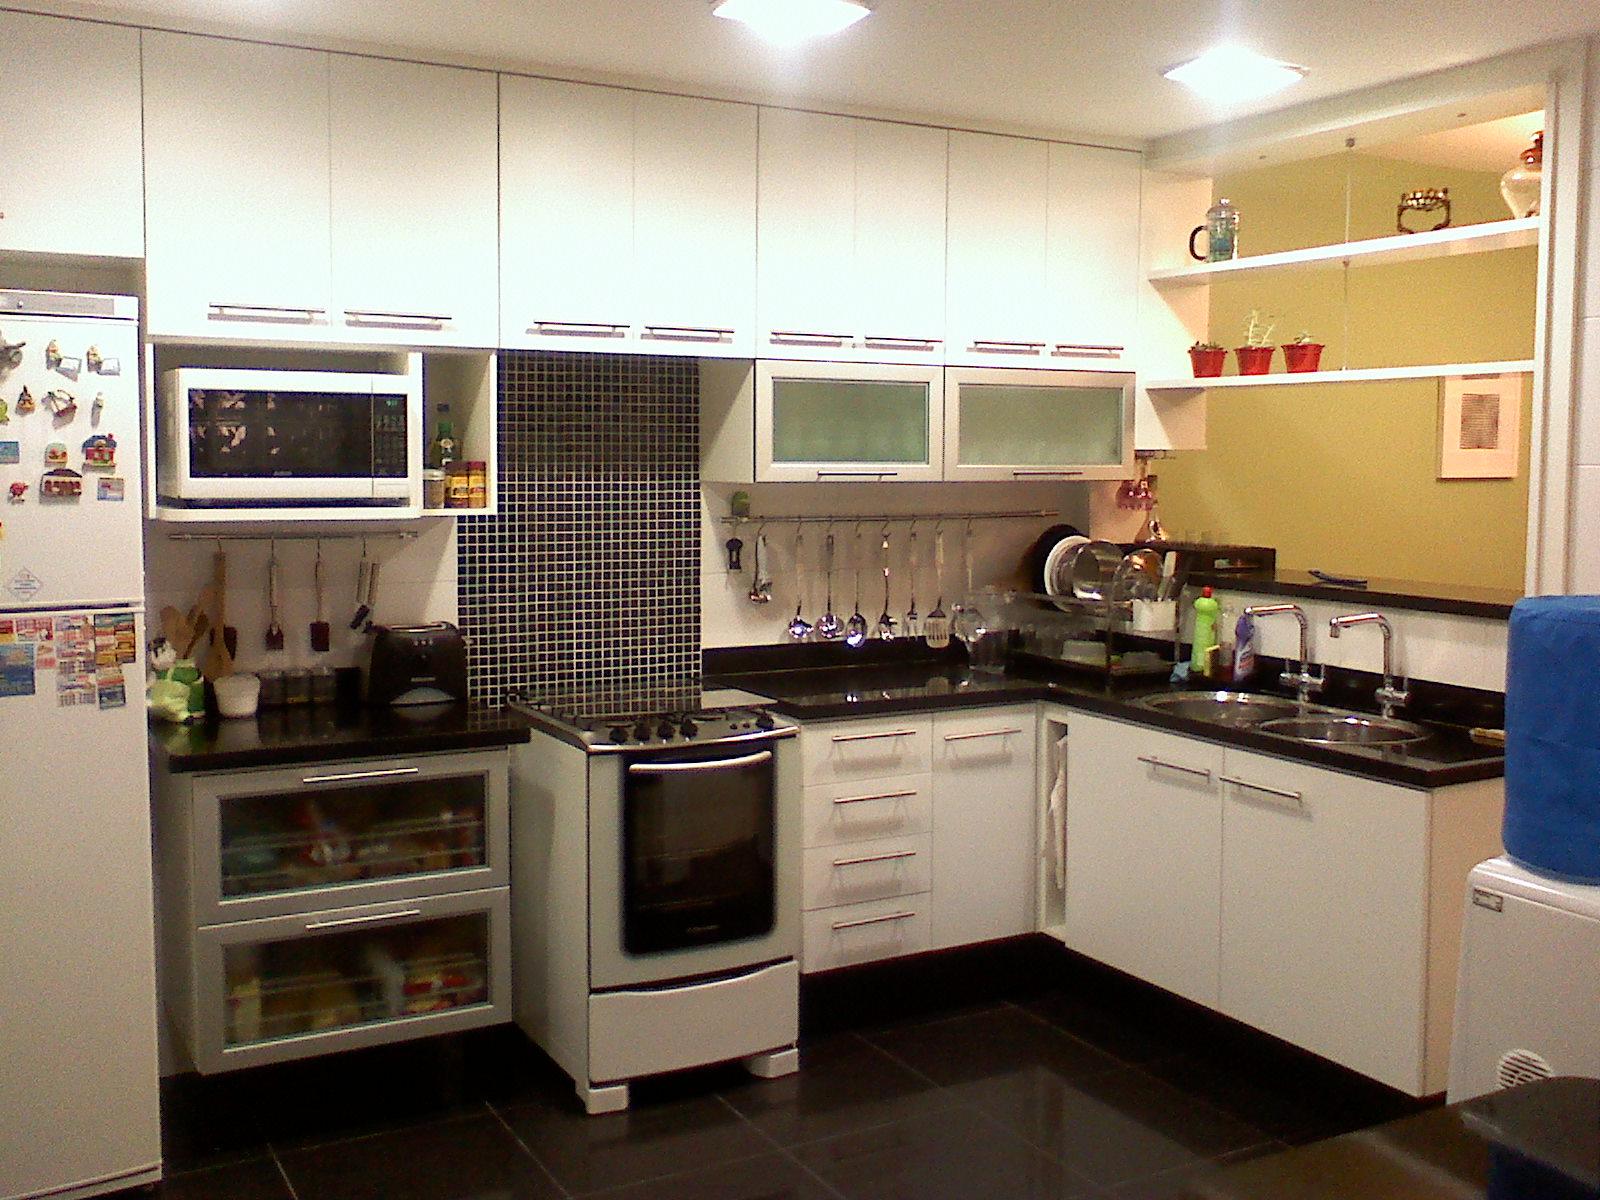 Porcelanato preto na cozinha sim ou não??? Decorações e Artes #213A66 1600x1200 Banheiro Com Piso De Porcelanato Preto